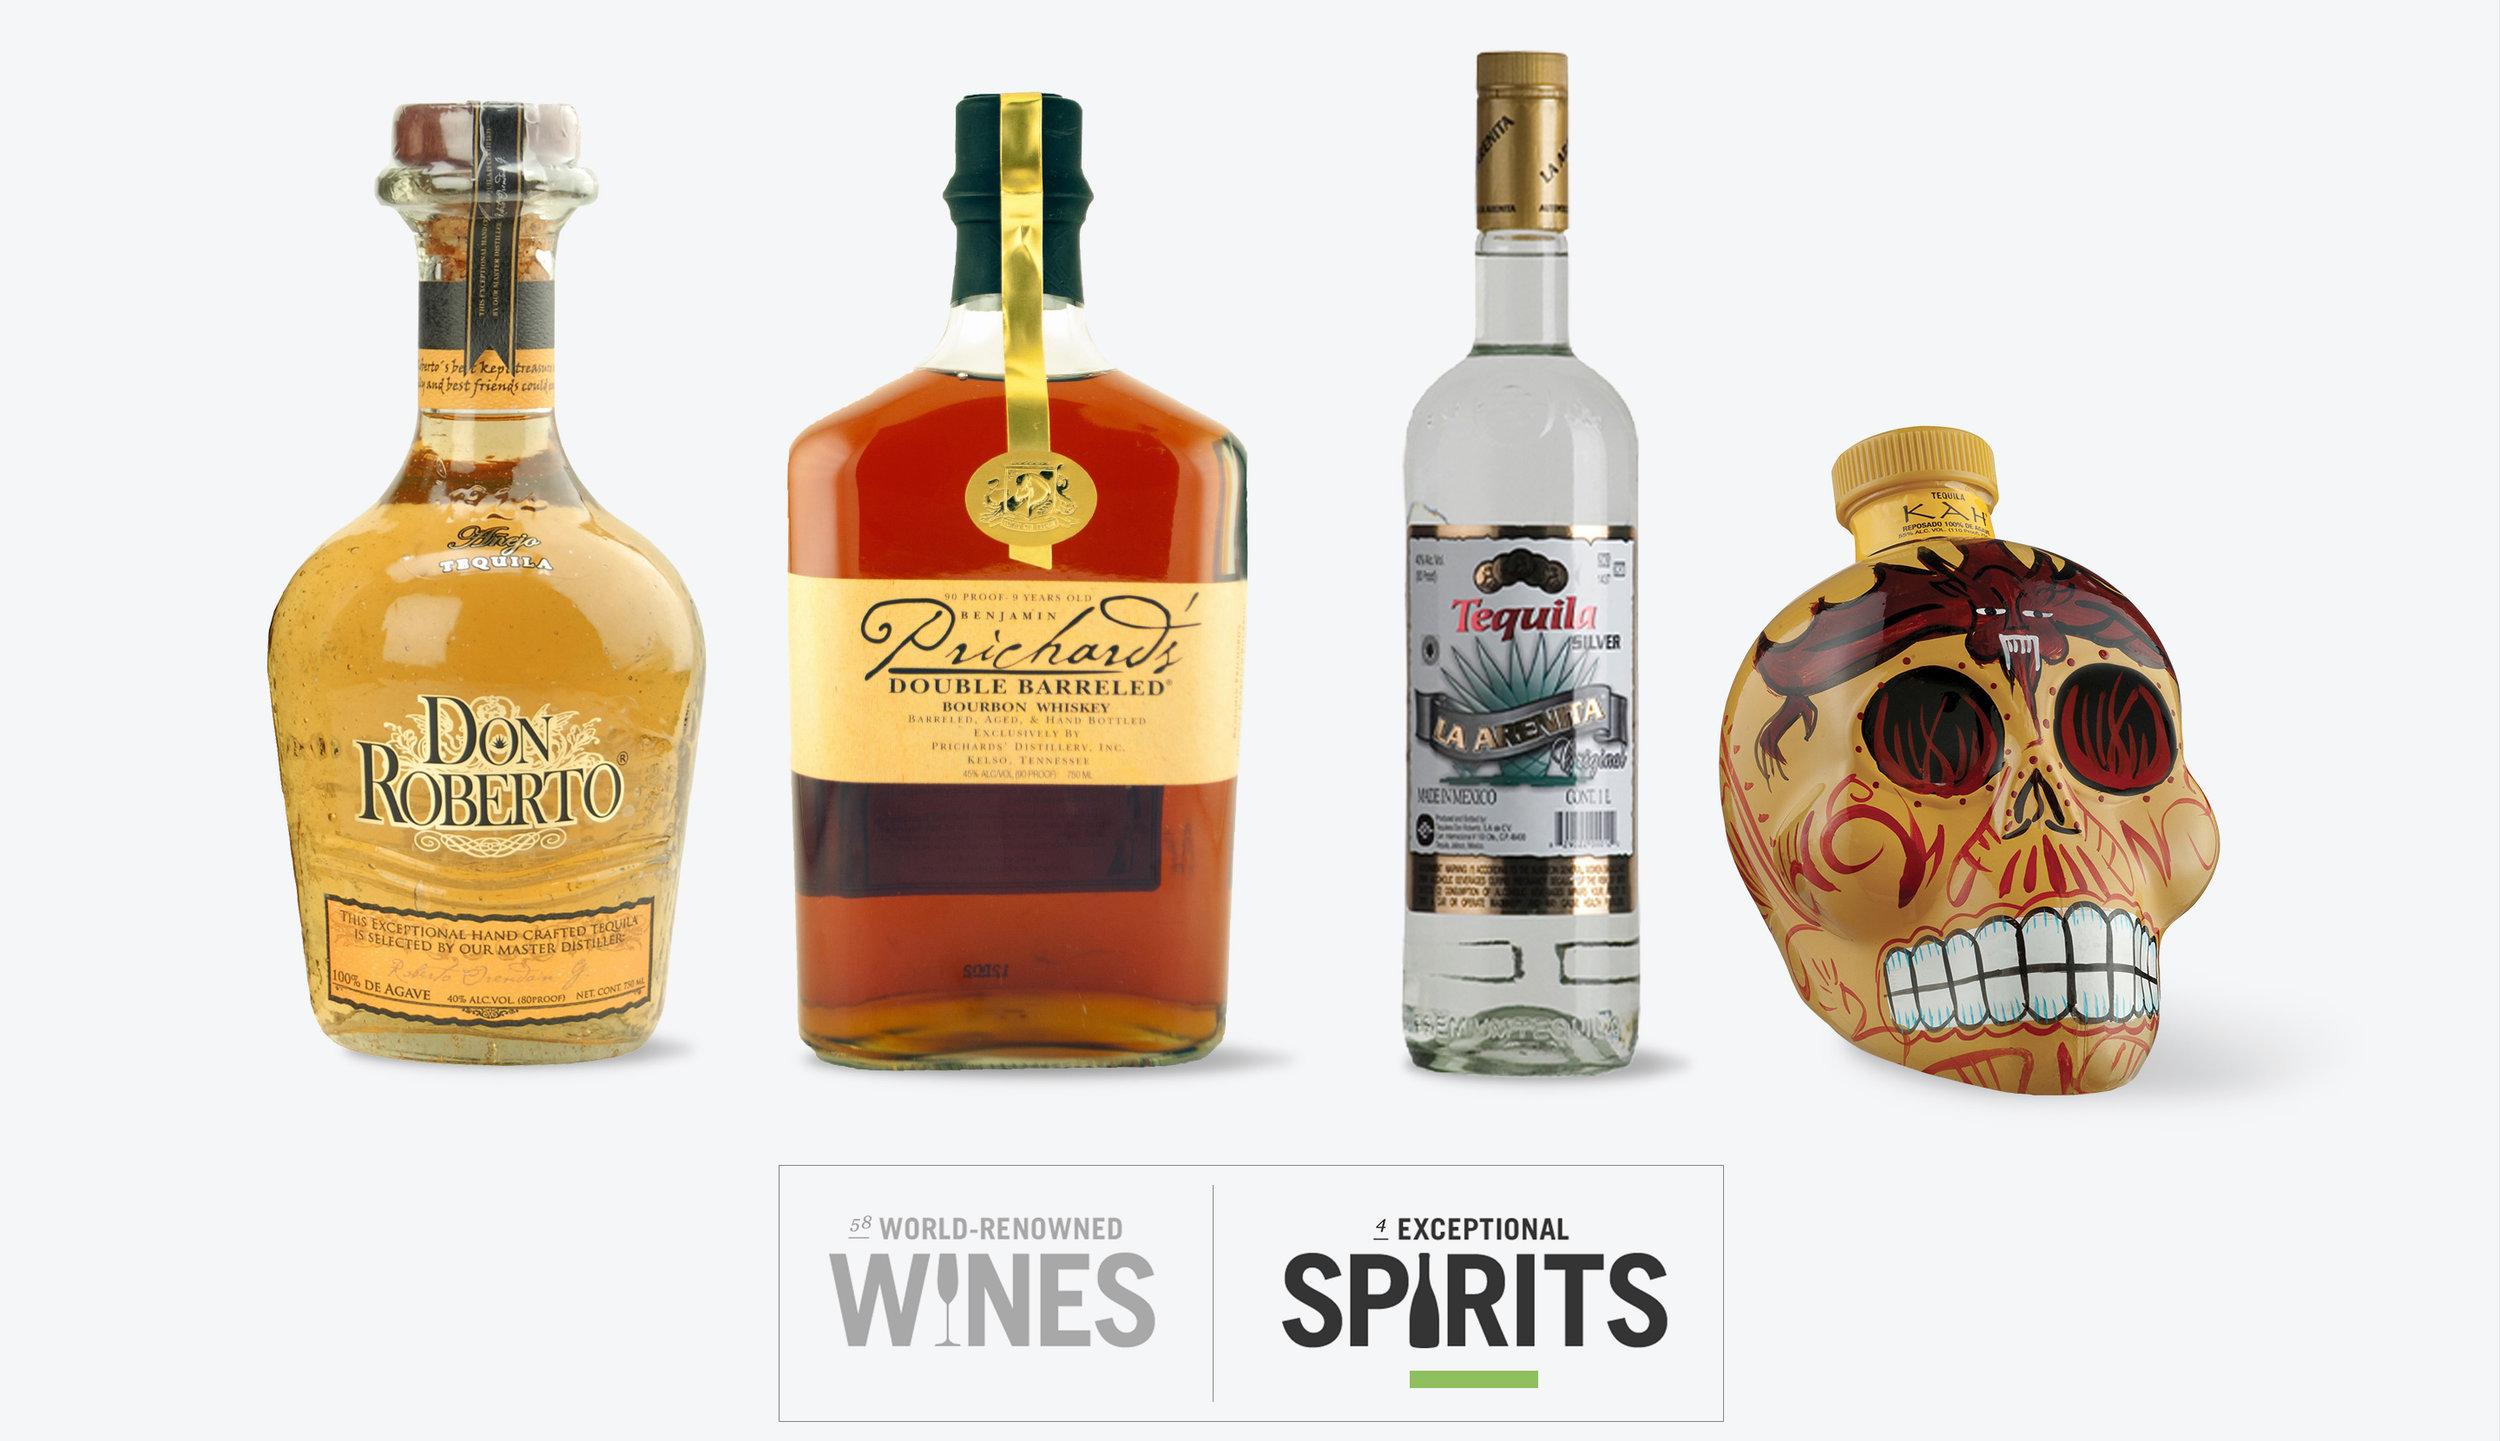 AV_Bottles_Spirits.jpg